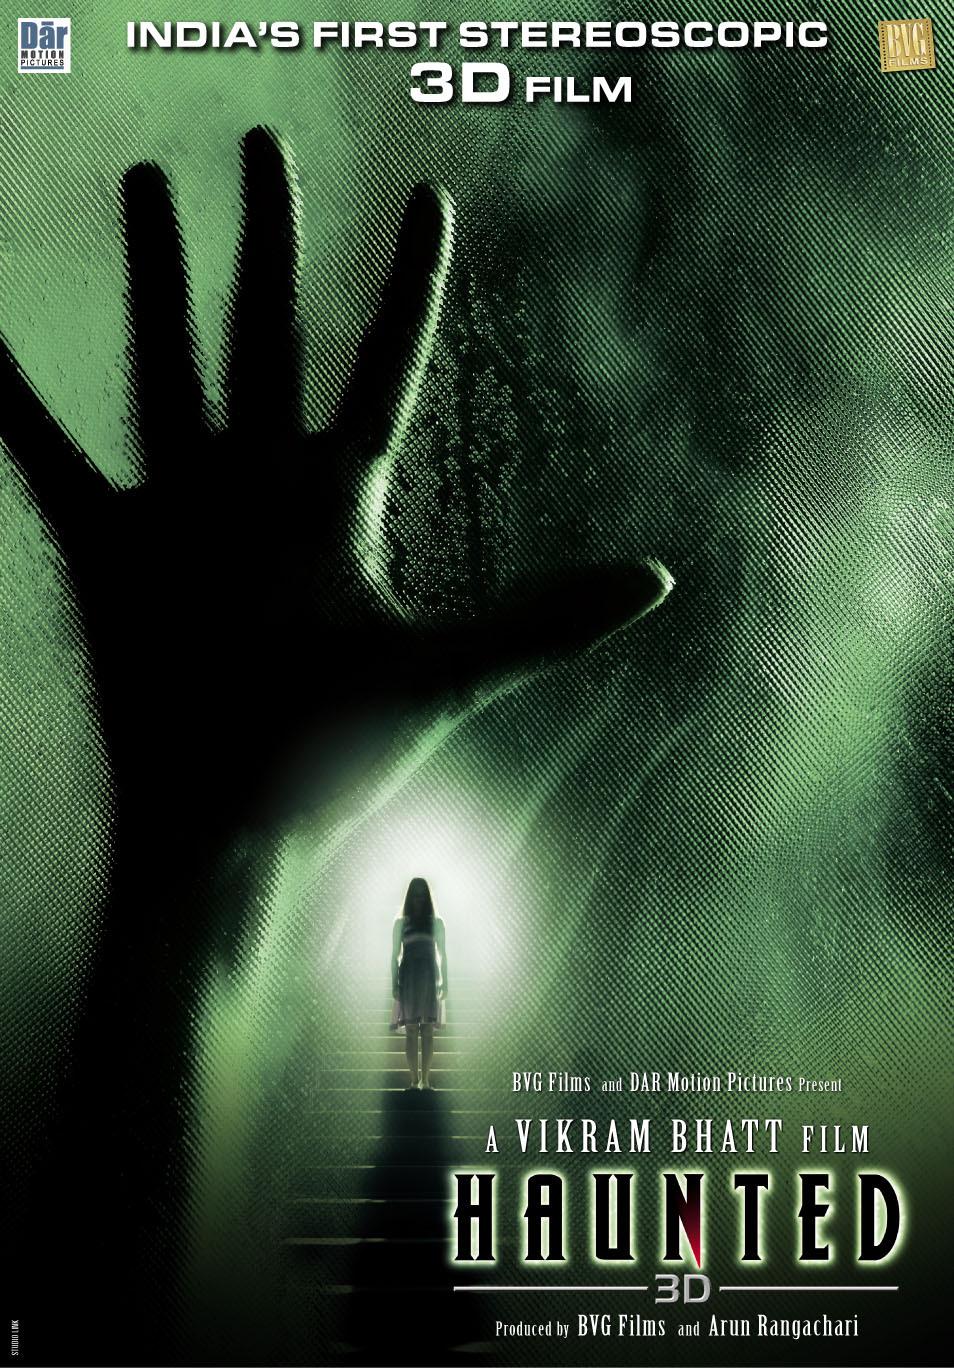 دانلود زیرنویس فارسی فیلم Haunted